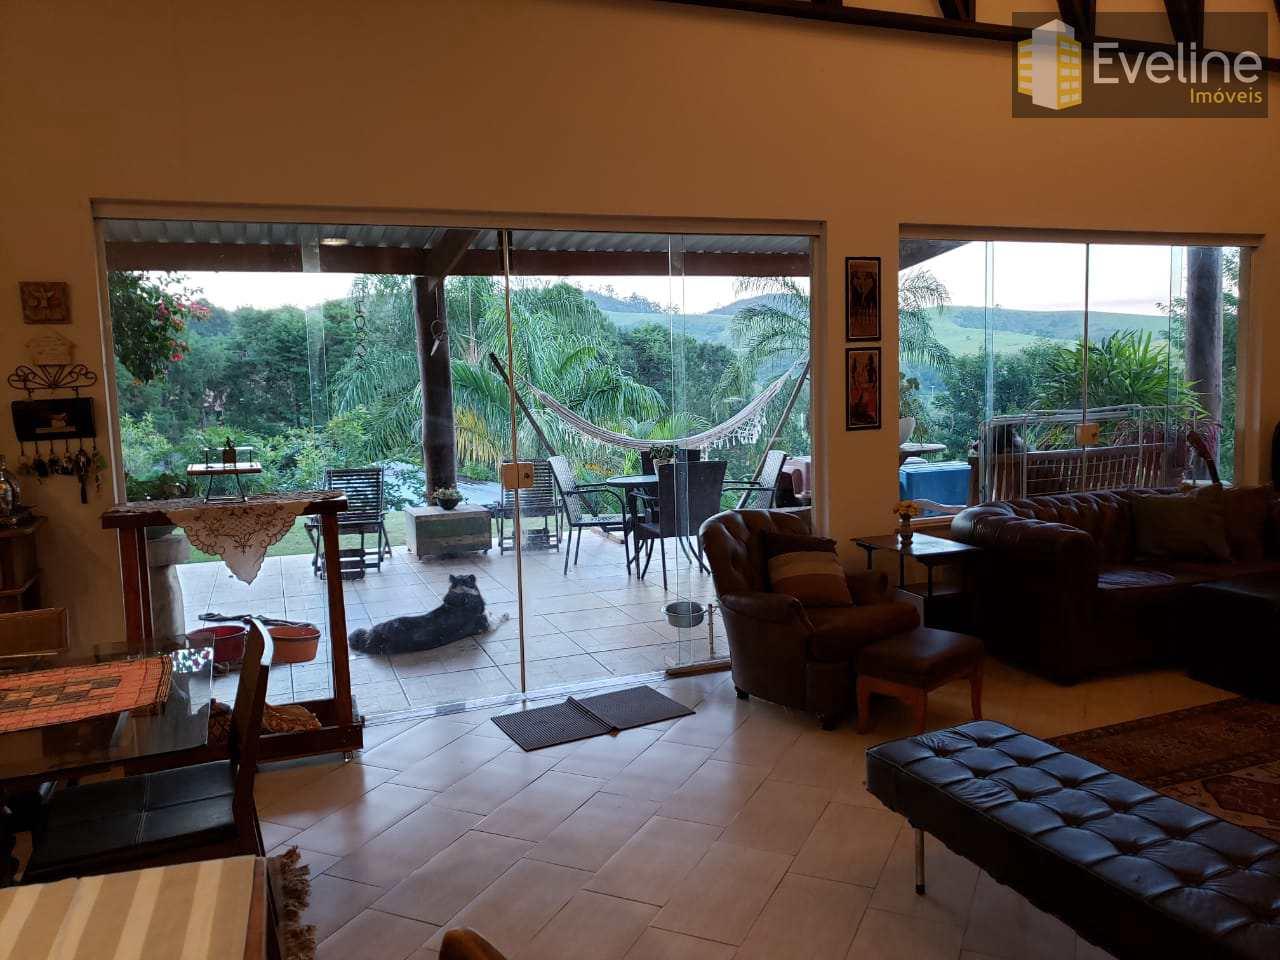 Chácara com 4 dorms, Centro, Guararema - R$ 1.3 mi, Cod: 960